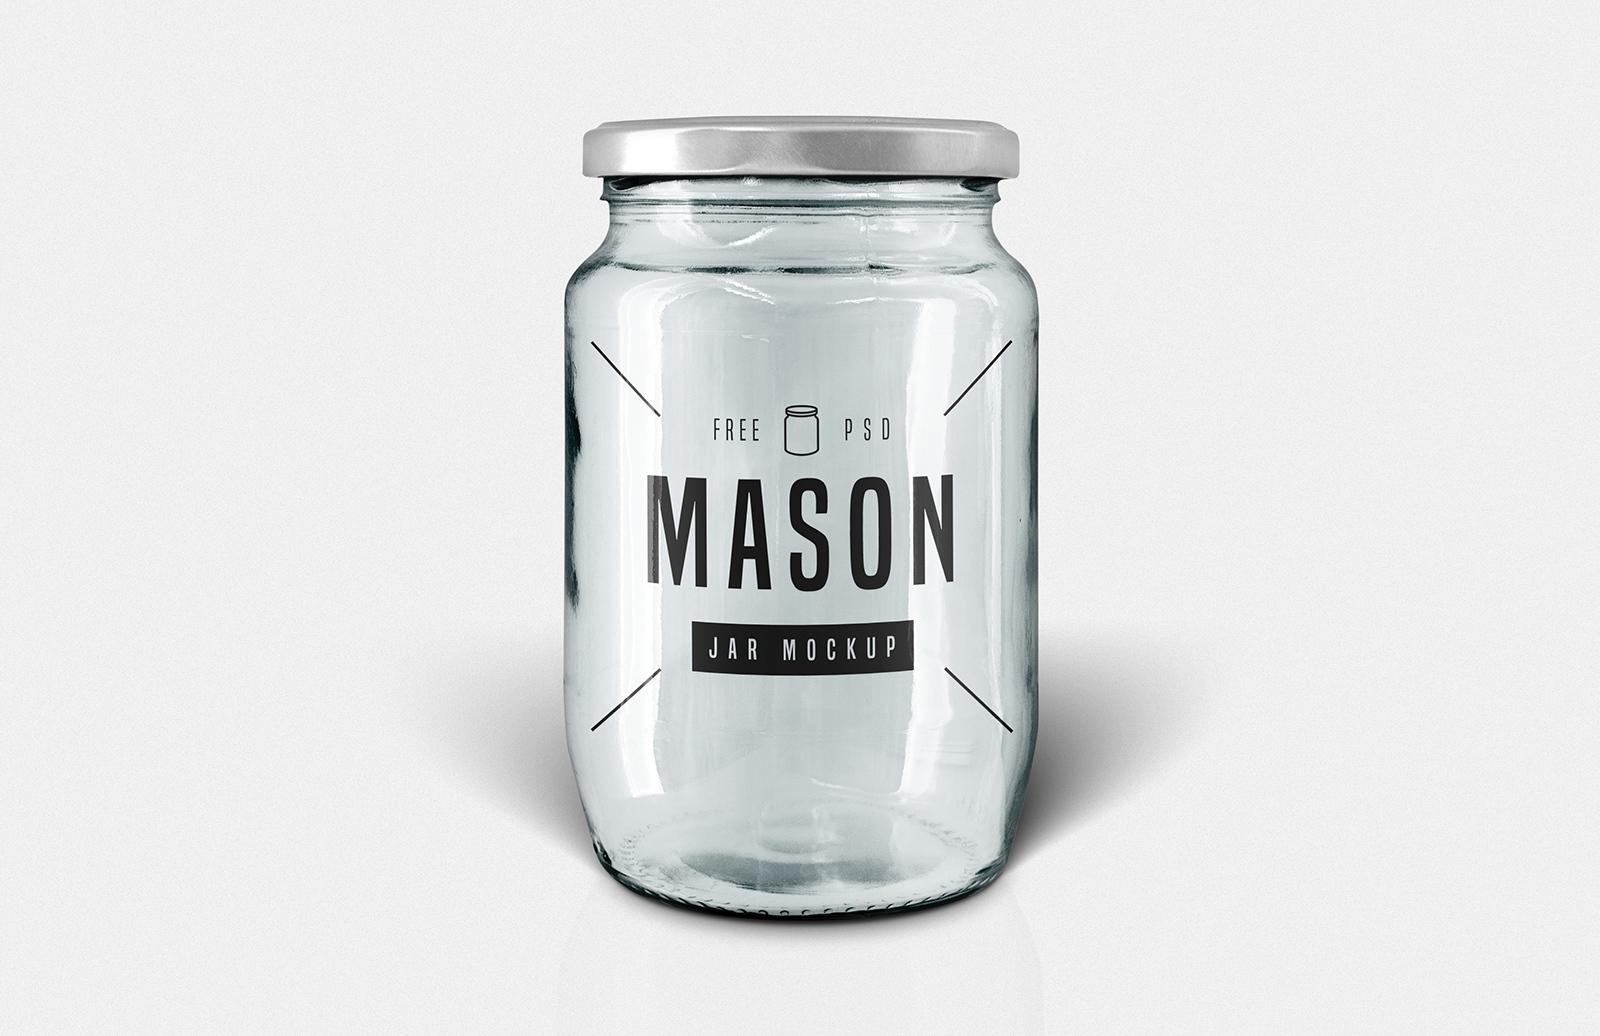 Free Glass Mason Jar Mockup